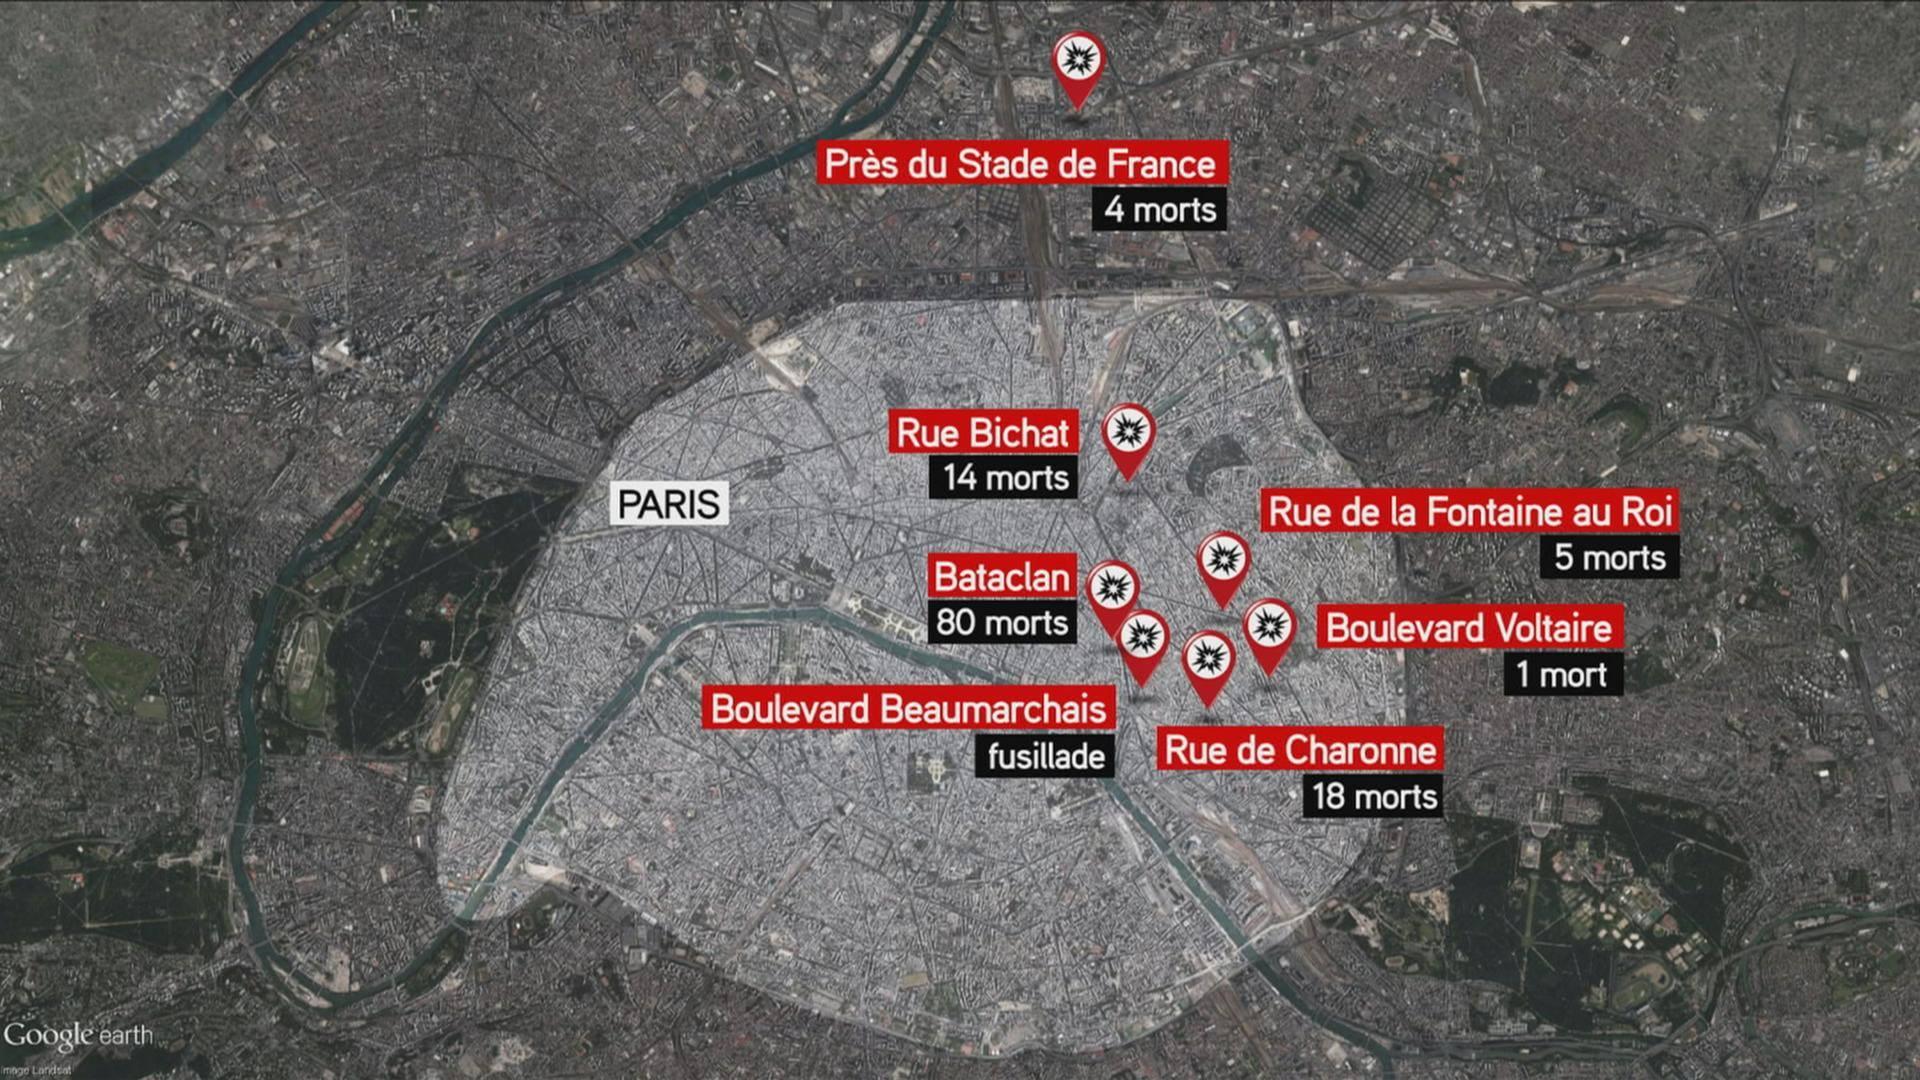 Attentati terroristici a Parigi: il bilancio della strage